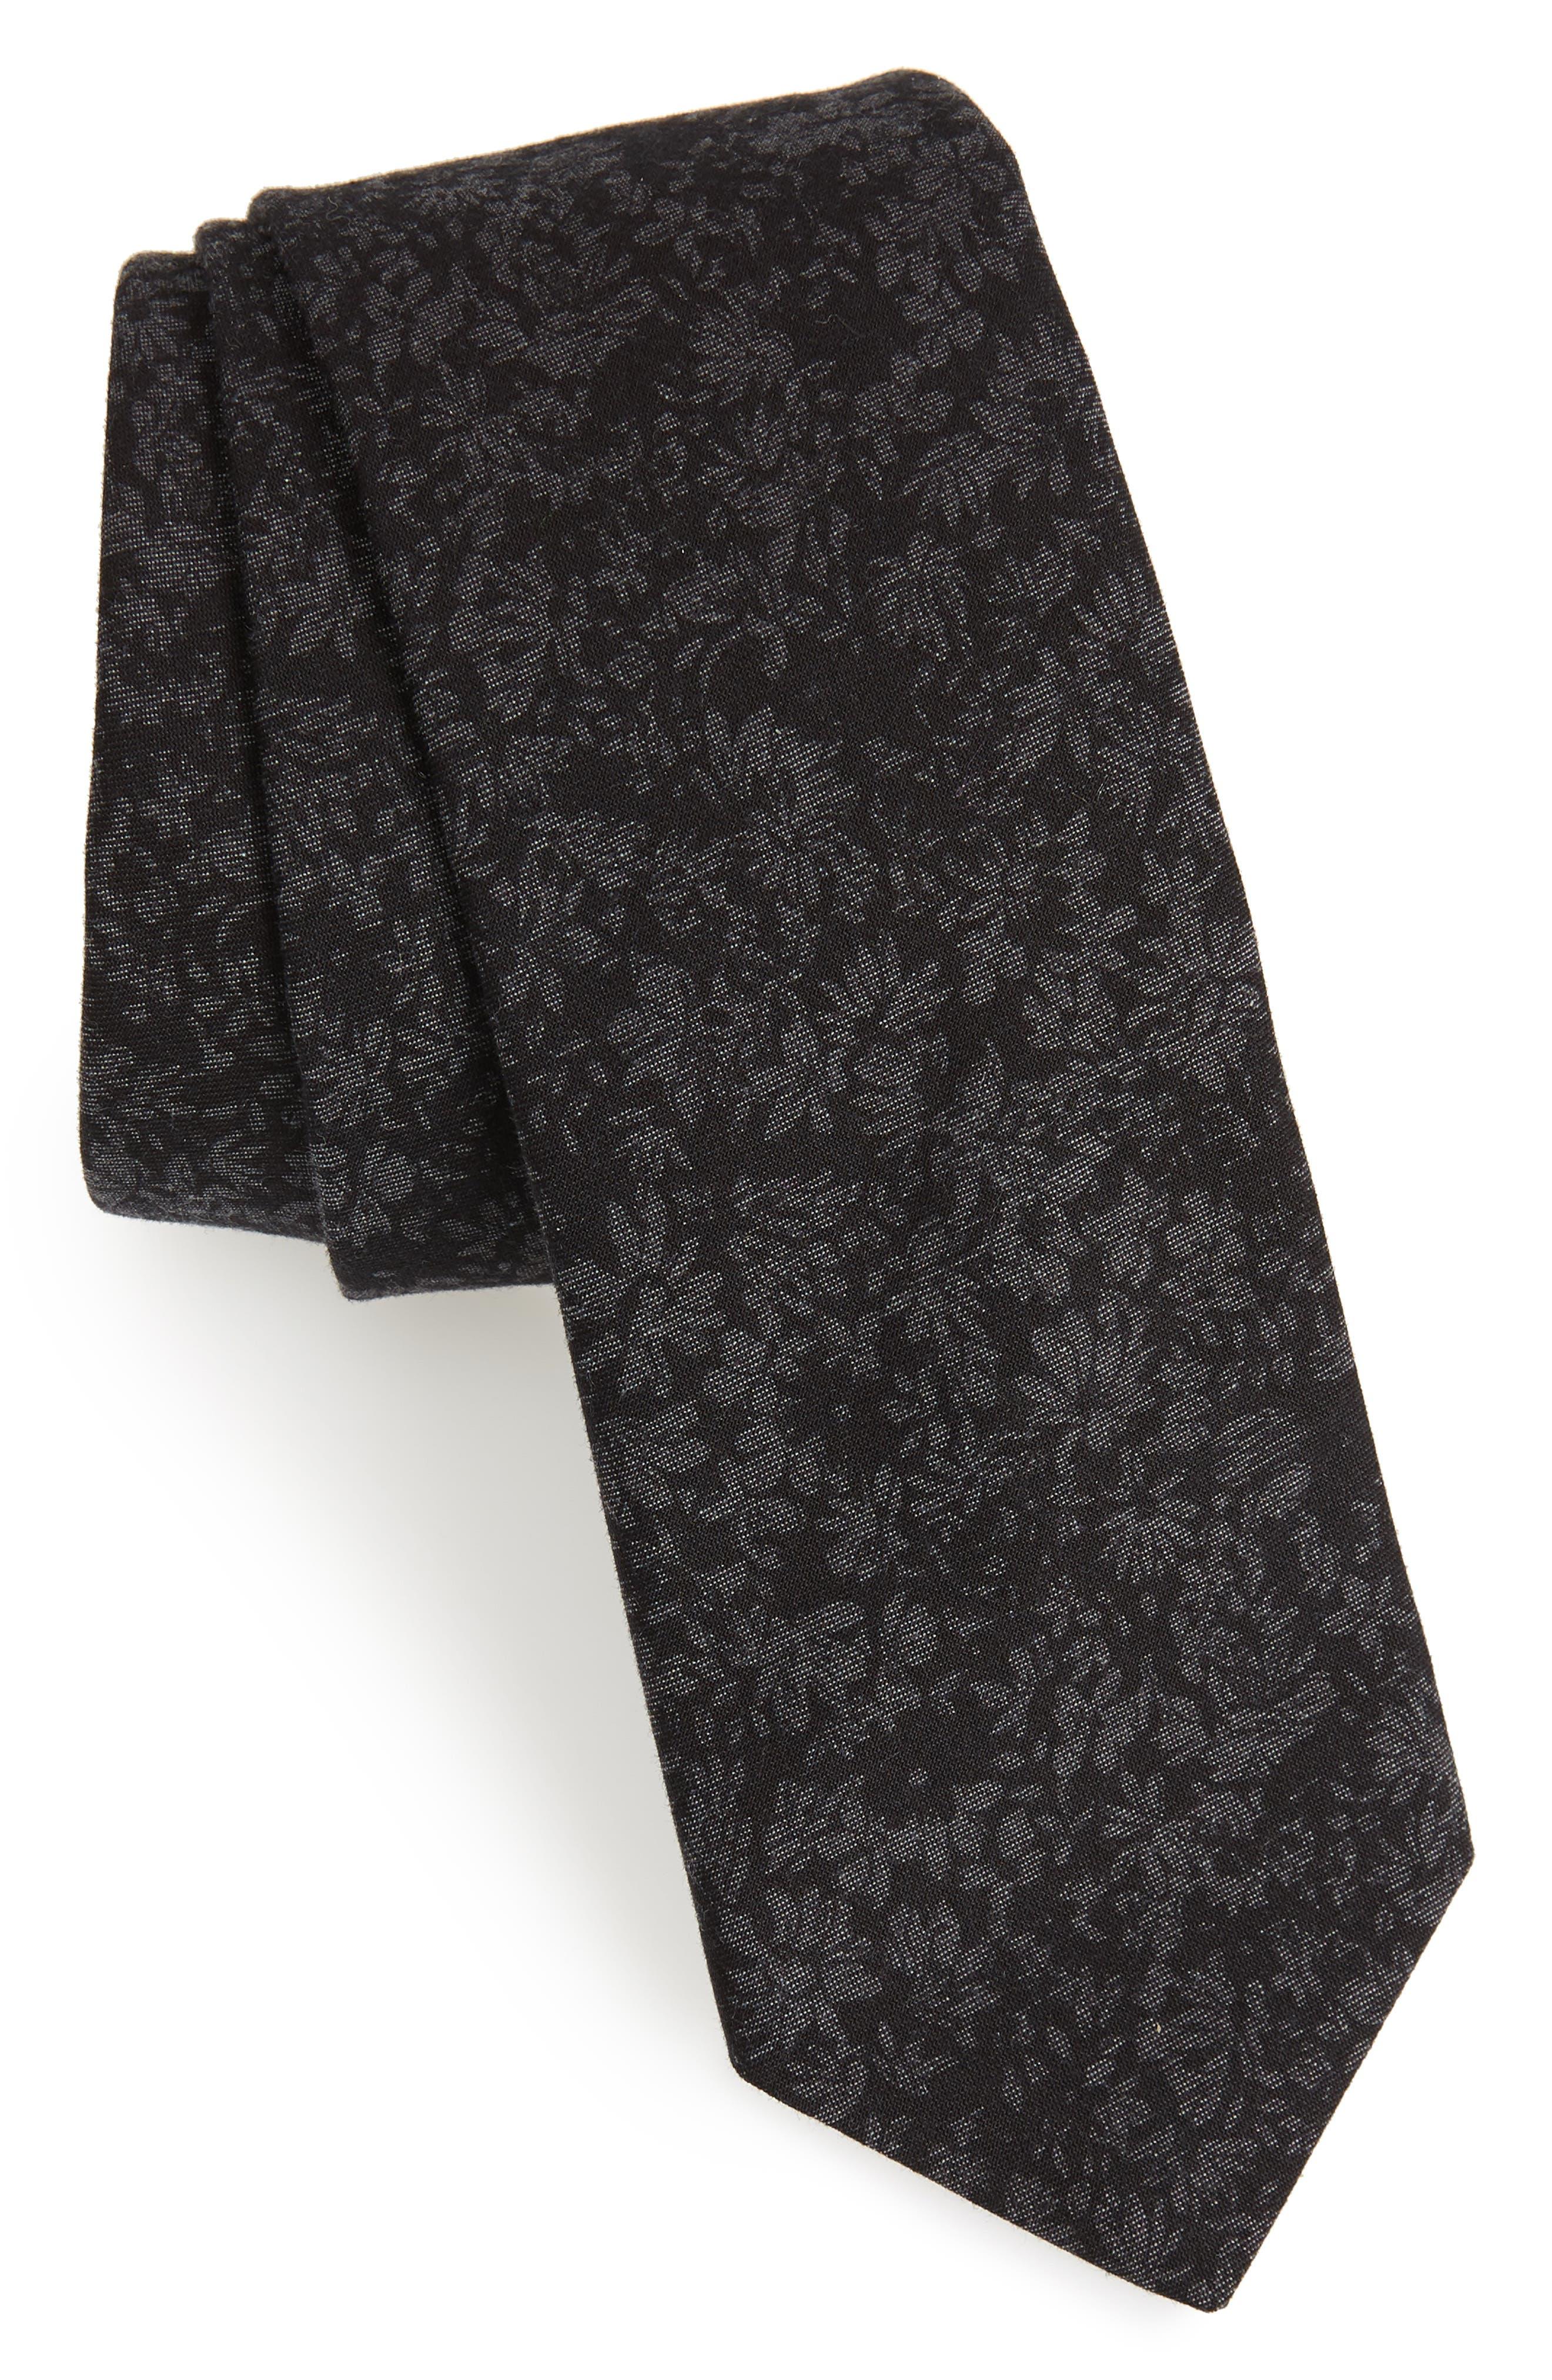 Floral Cotton Tie,                             Main thumbnail 1, color,                             Black